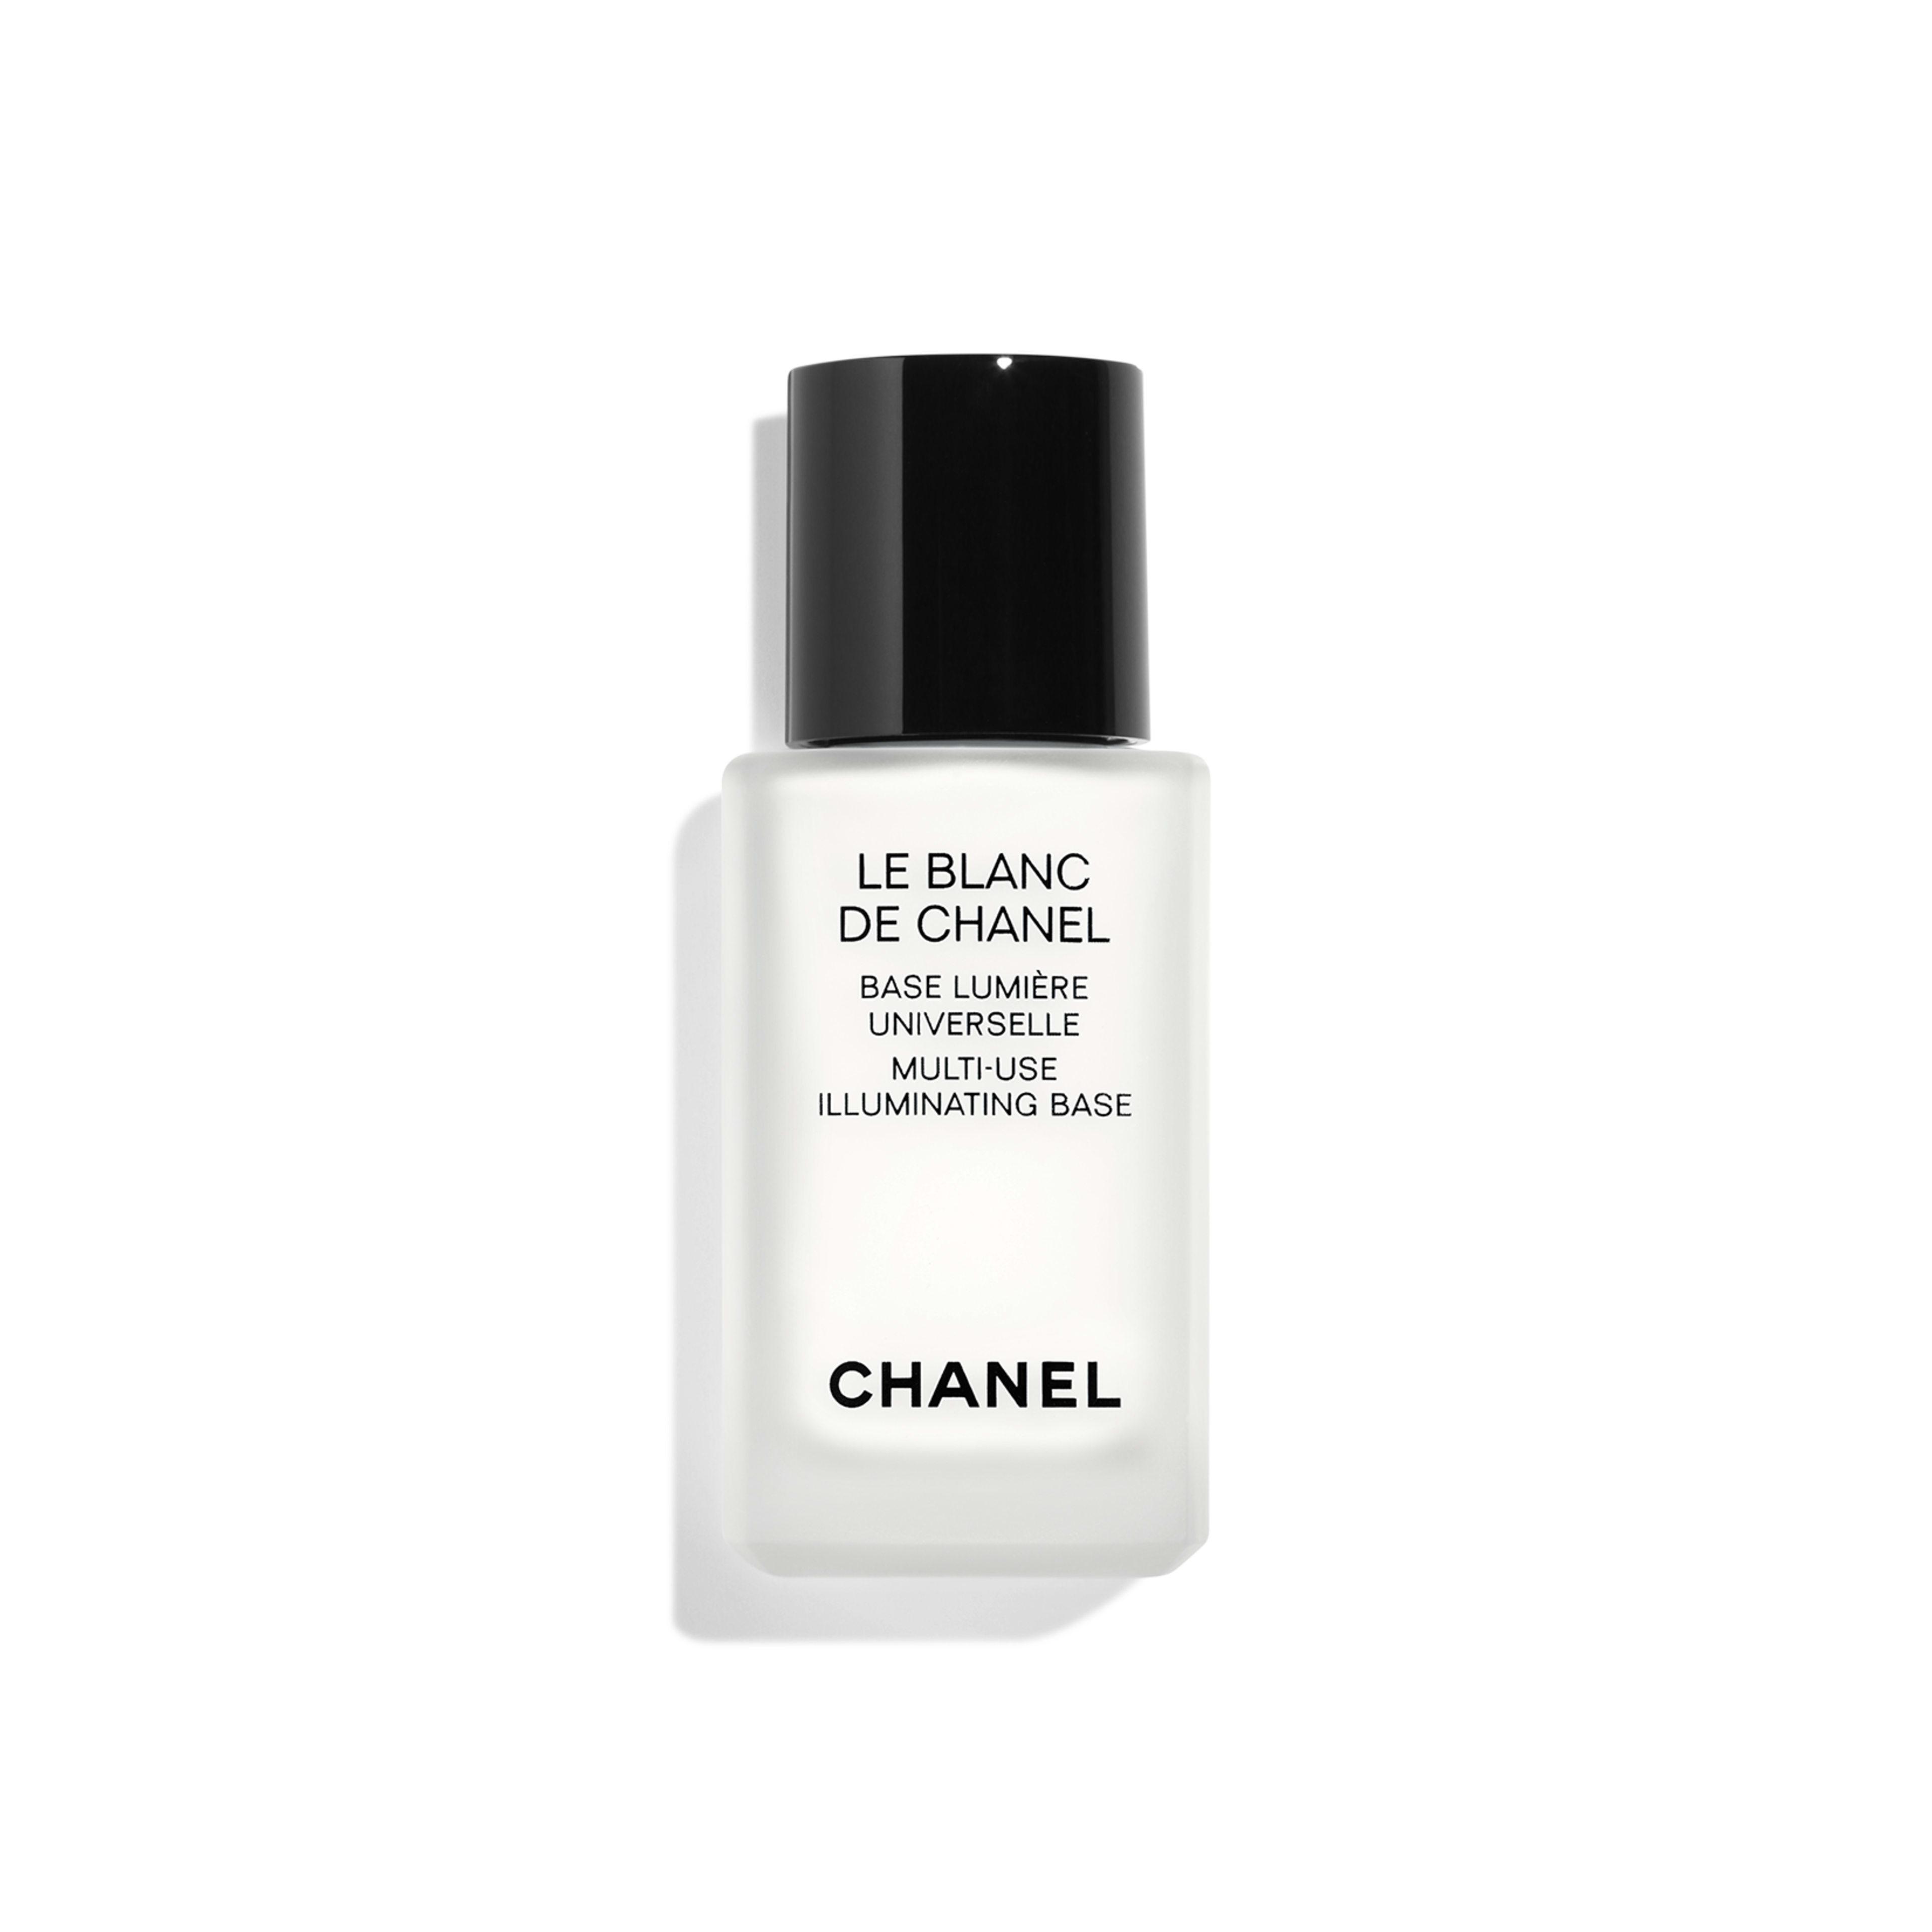 LE BLANC DE CHANEL - makeup - 1FL. OZ. - Default view